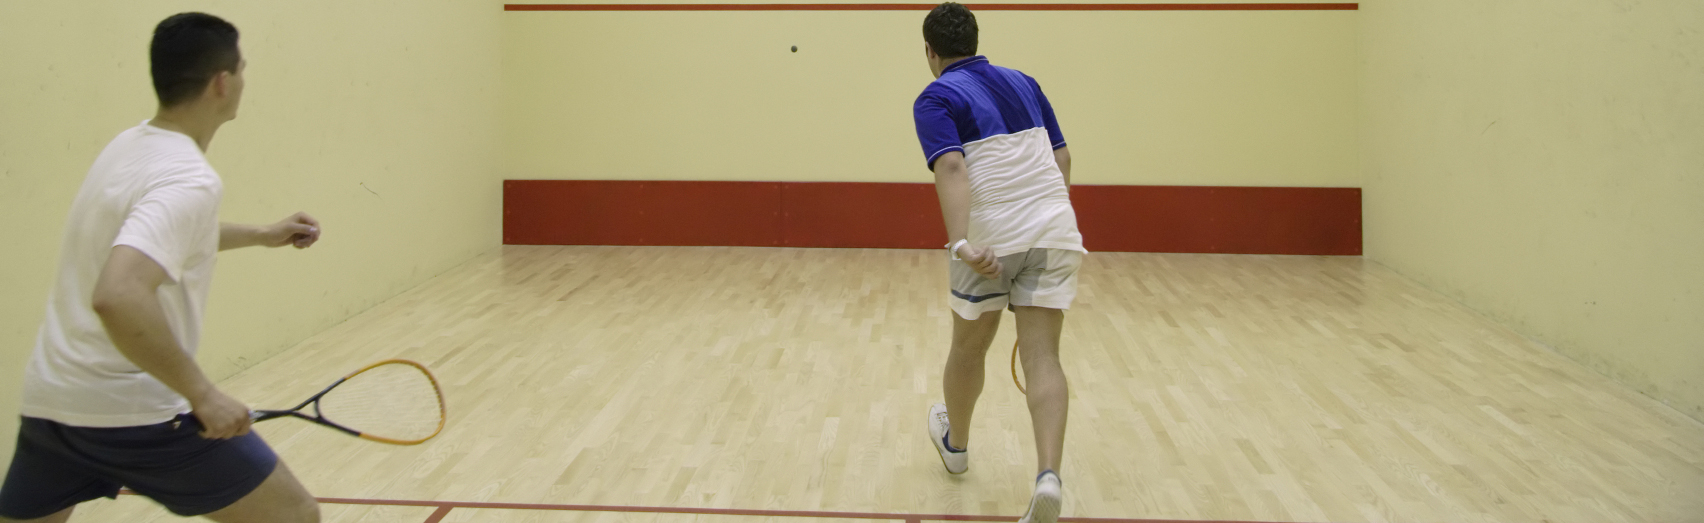 Le squash est un sport de raquette unique: votre adversaire et vous-même devez attaquer et défendre sur le même terrain.